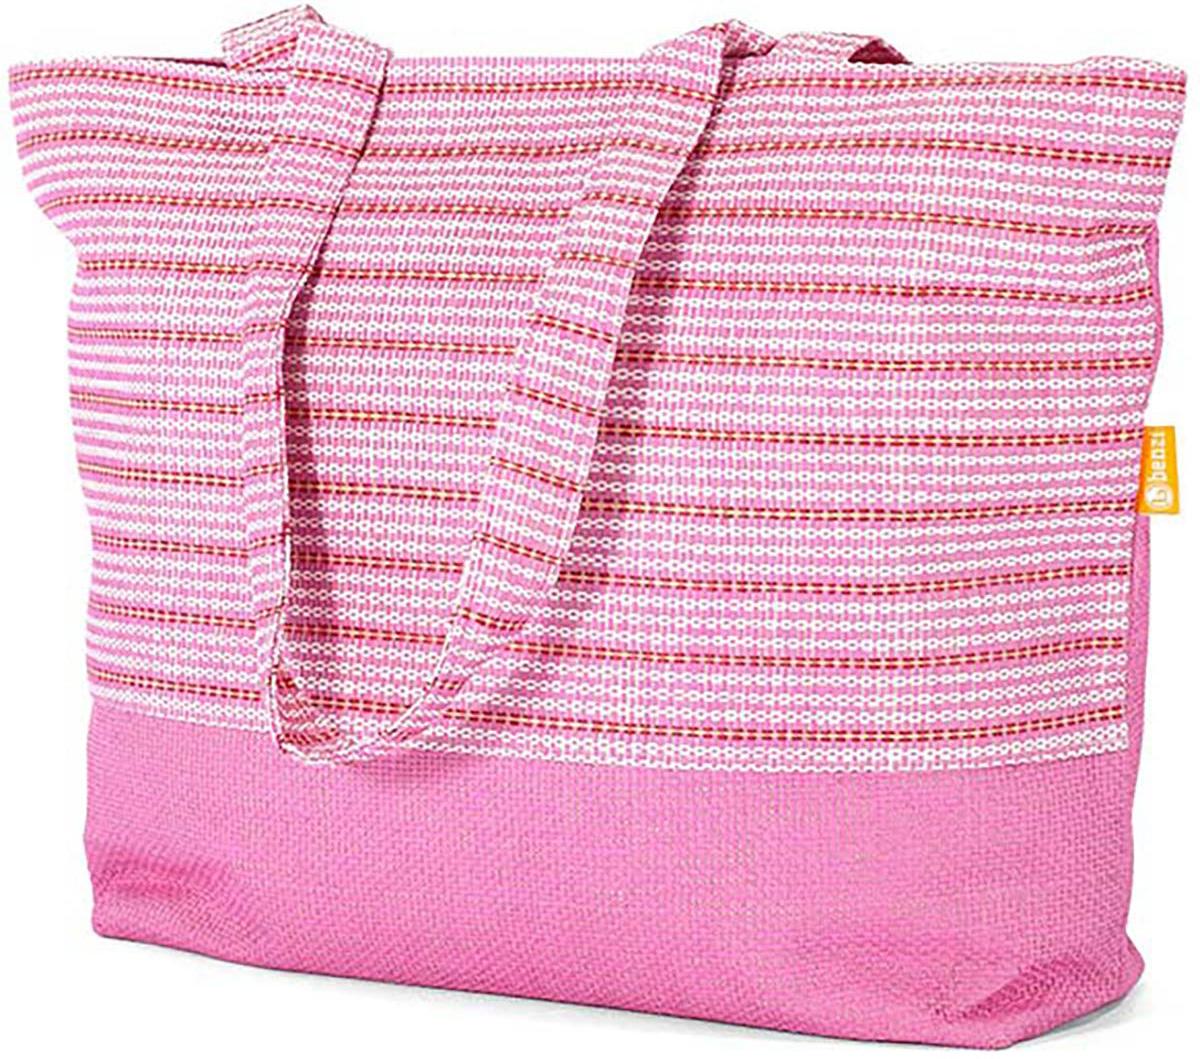 Τσαντα Θαλάσσης Benzi BZ5069 Ροζ γυναίκα   τσάντες παραλίας